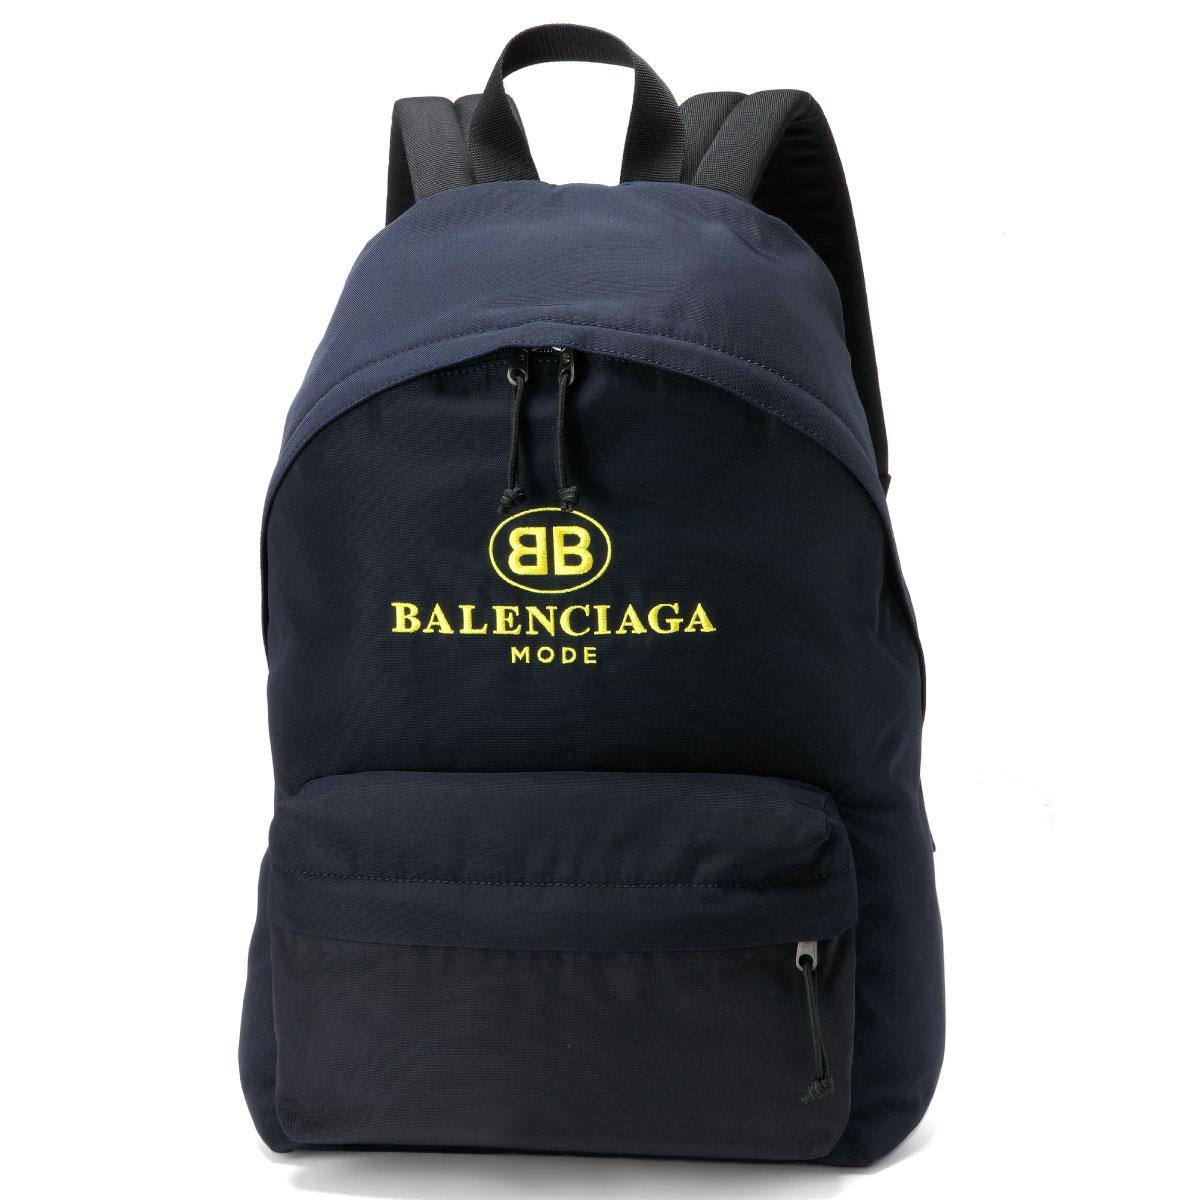 バレンシアガ BALENCIAGA バッグ メンズ 503221 9D0B5 4160 バックパック EXPLORER エクスプローラー BLEU NAVY/JAUNE ダークブルー